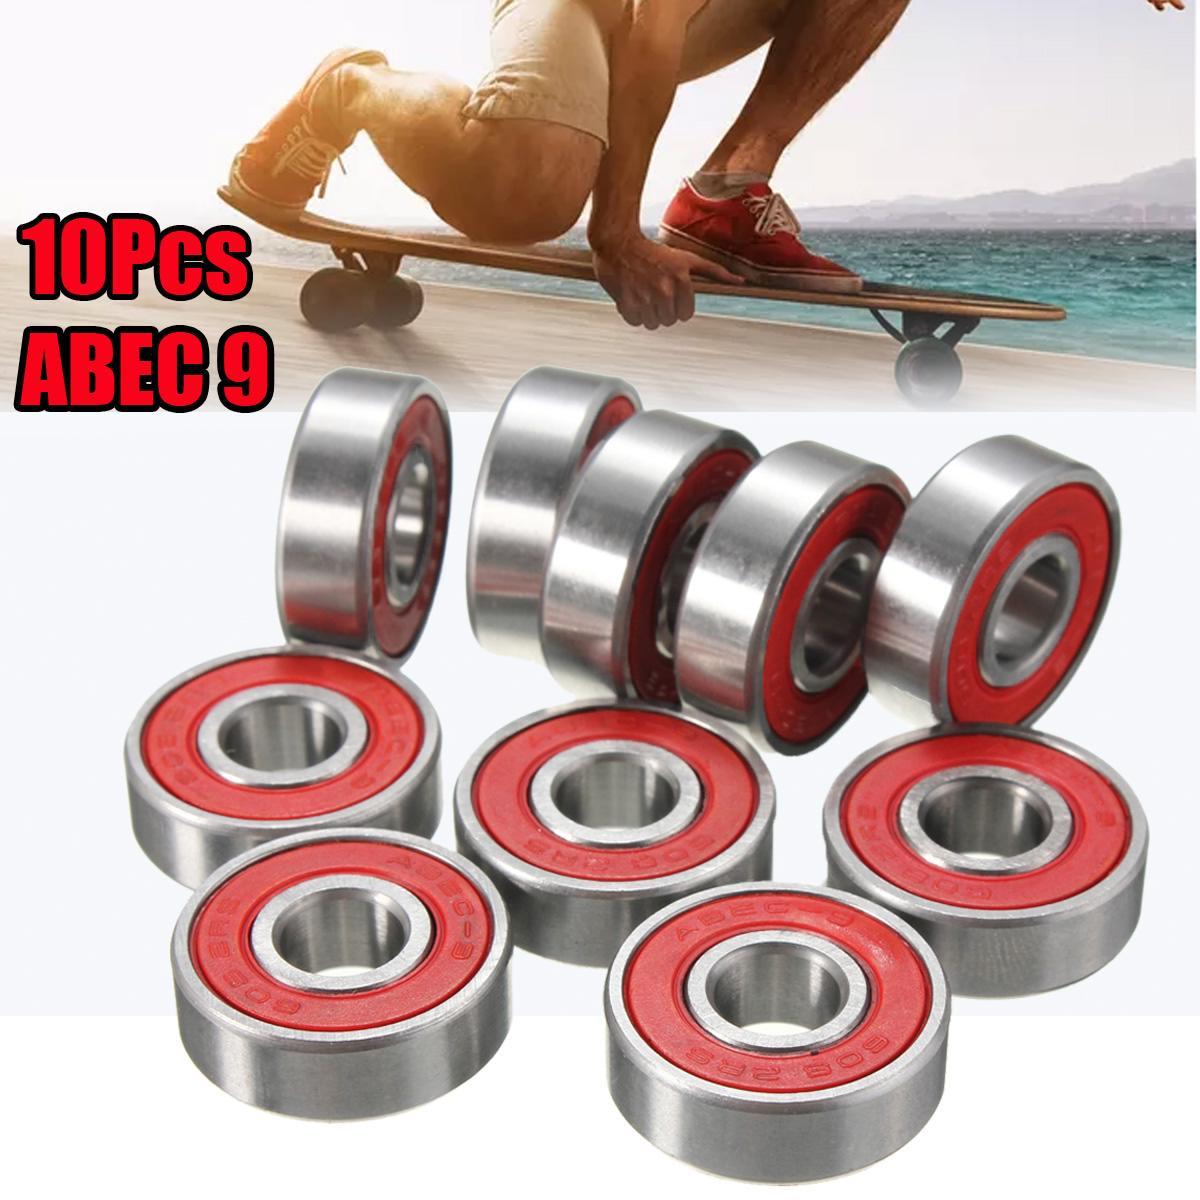 10x ABEC-9 608 2RS Inline Roller Skate Wheel Bearing Anti-rust Skateboard Wheel Bearing Red Sealed 8x22x7mm Shaft(China)